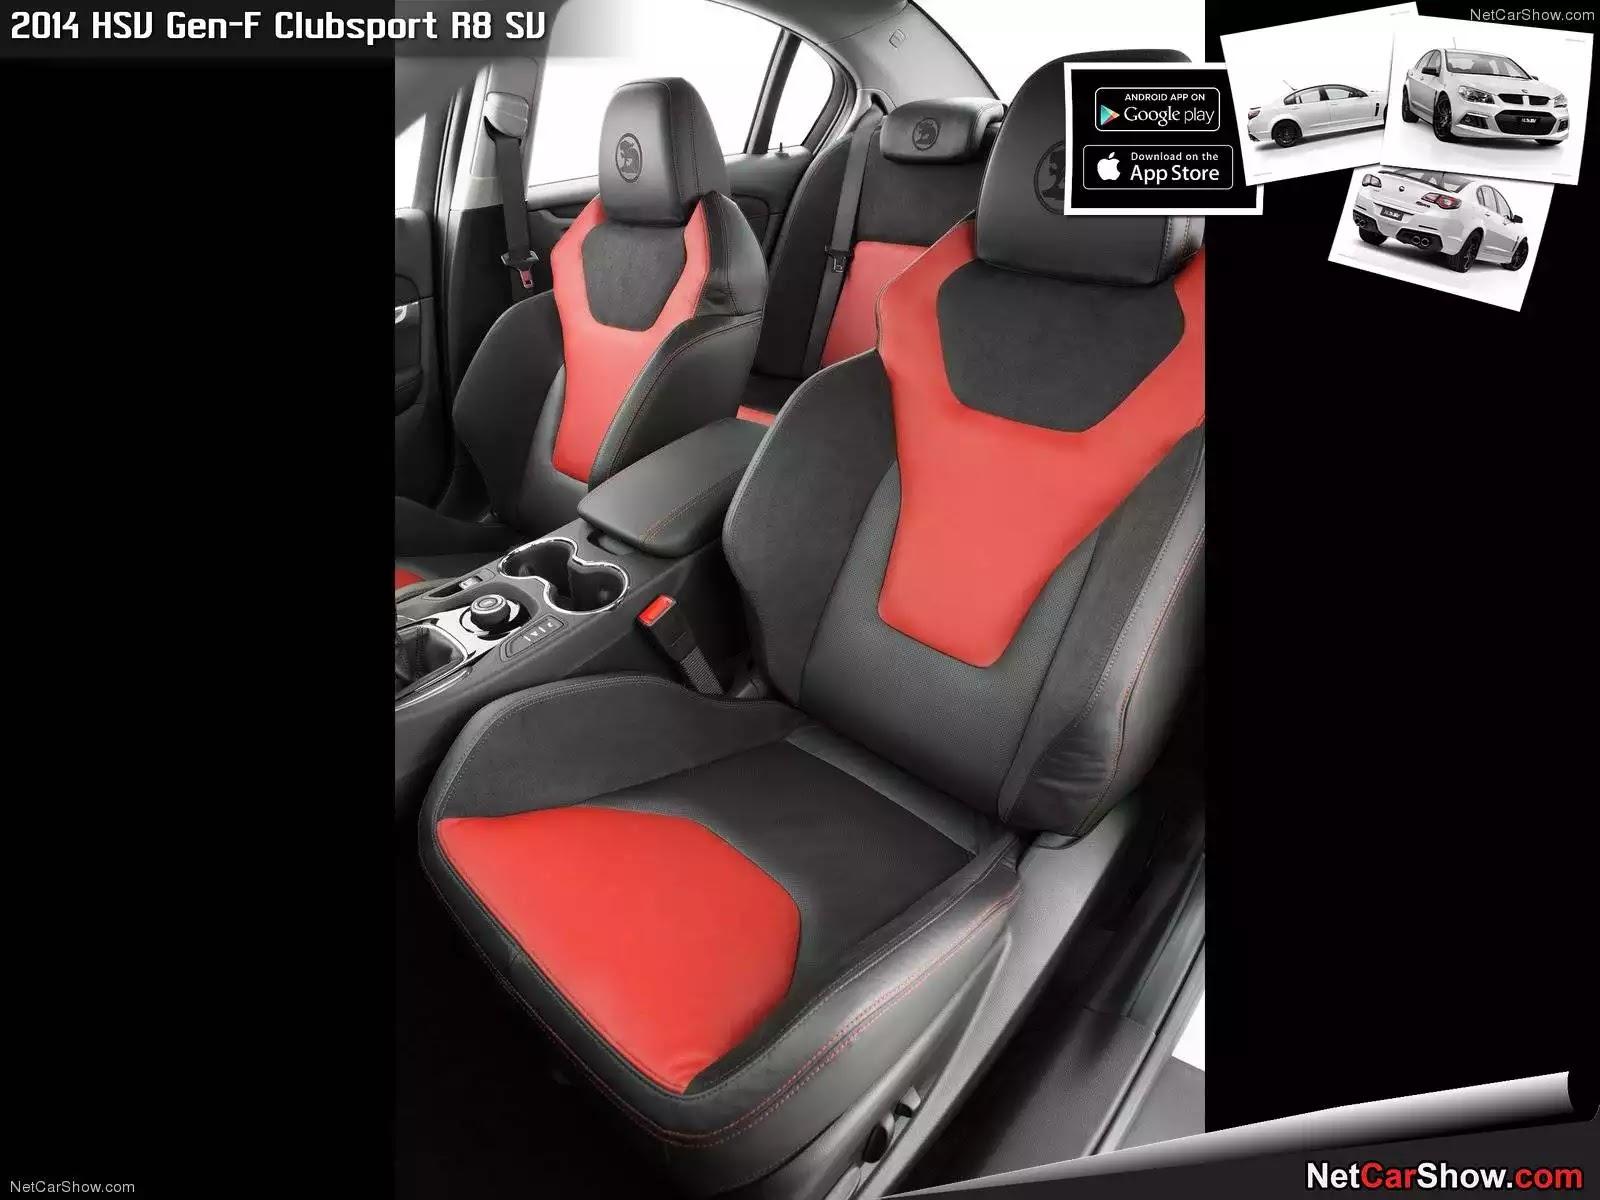 Hình ảnh xe ô tô HSV Gen-F Clubsport R8 SV 2014 & nội ngoại thất